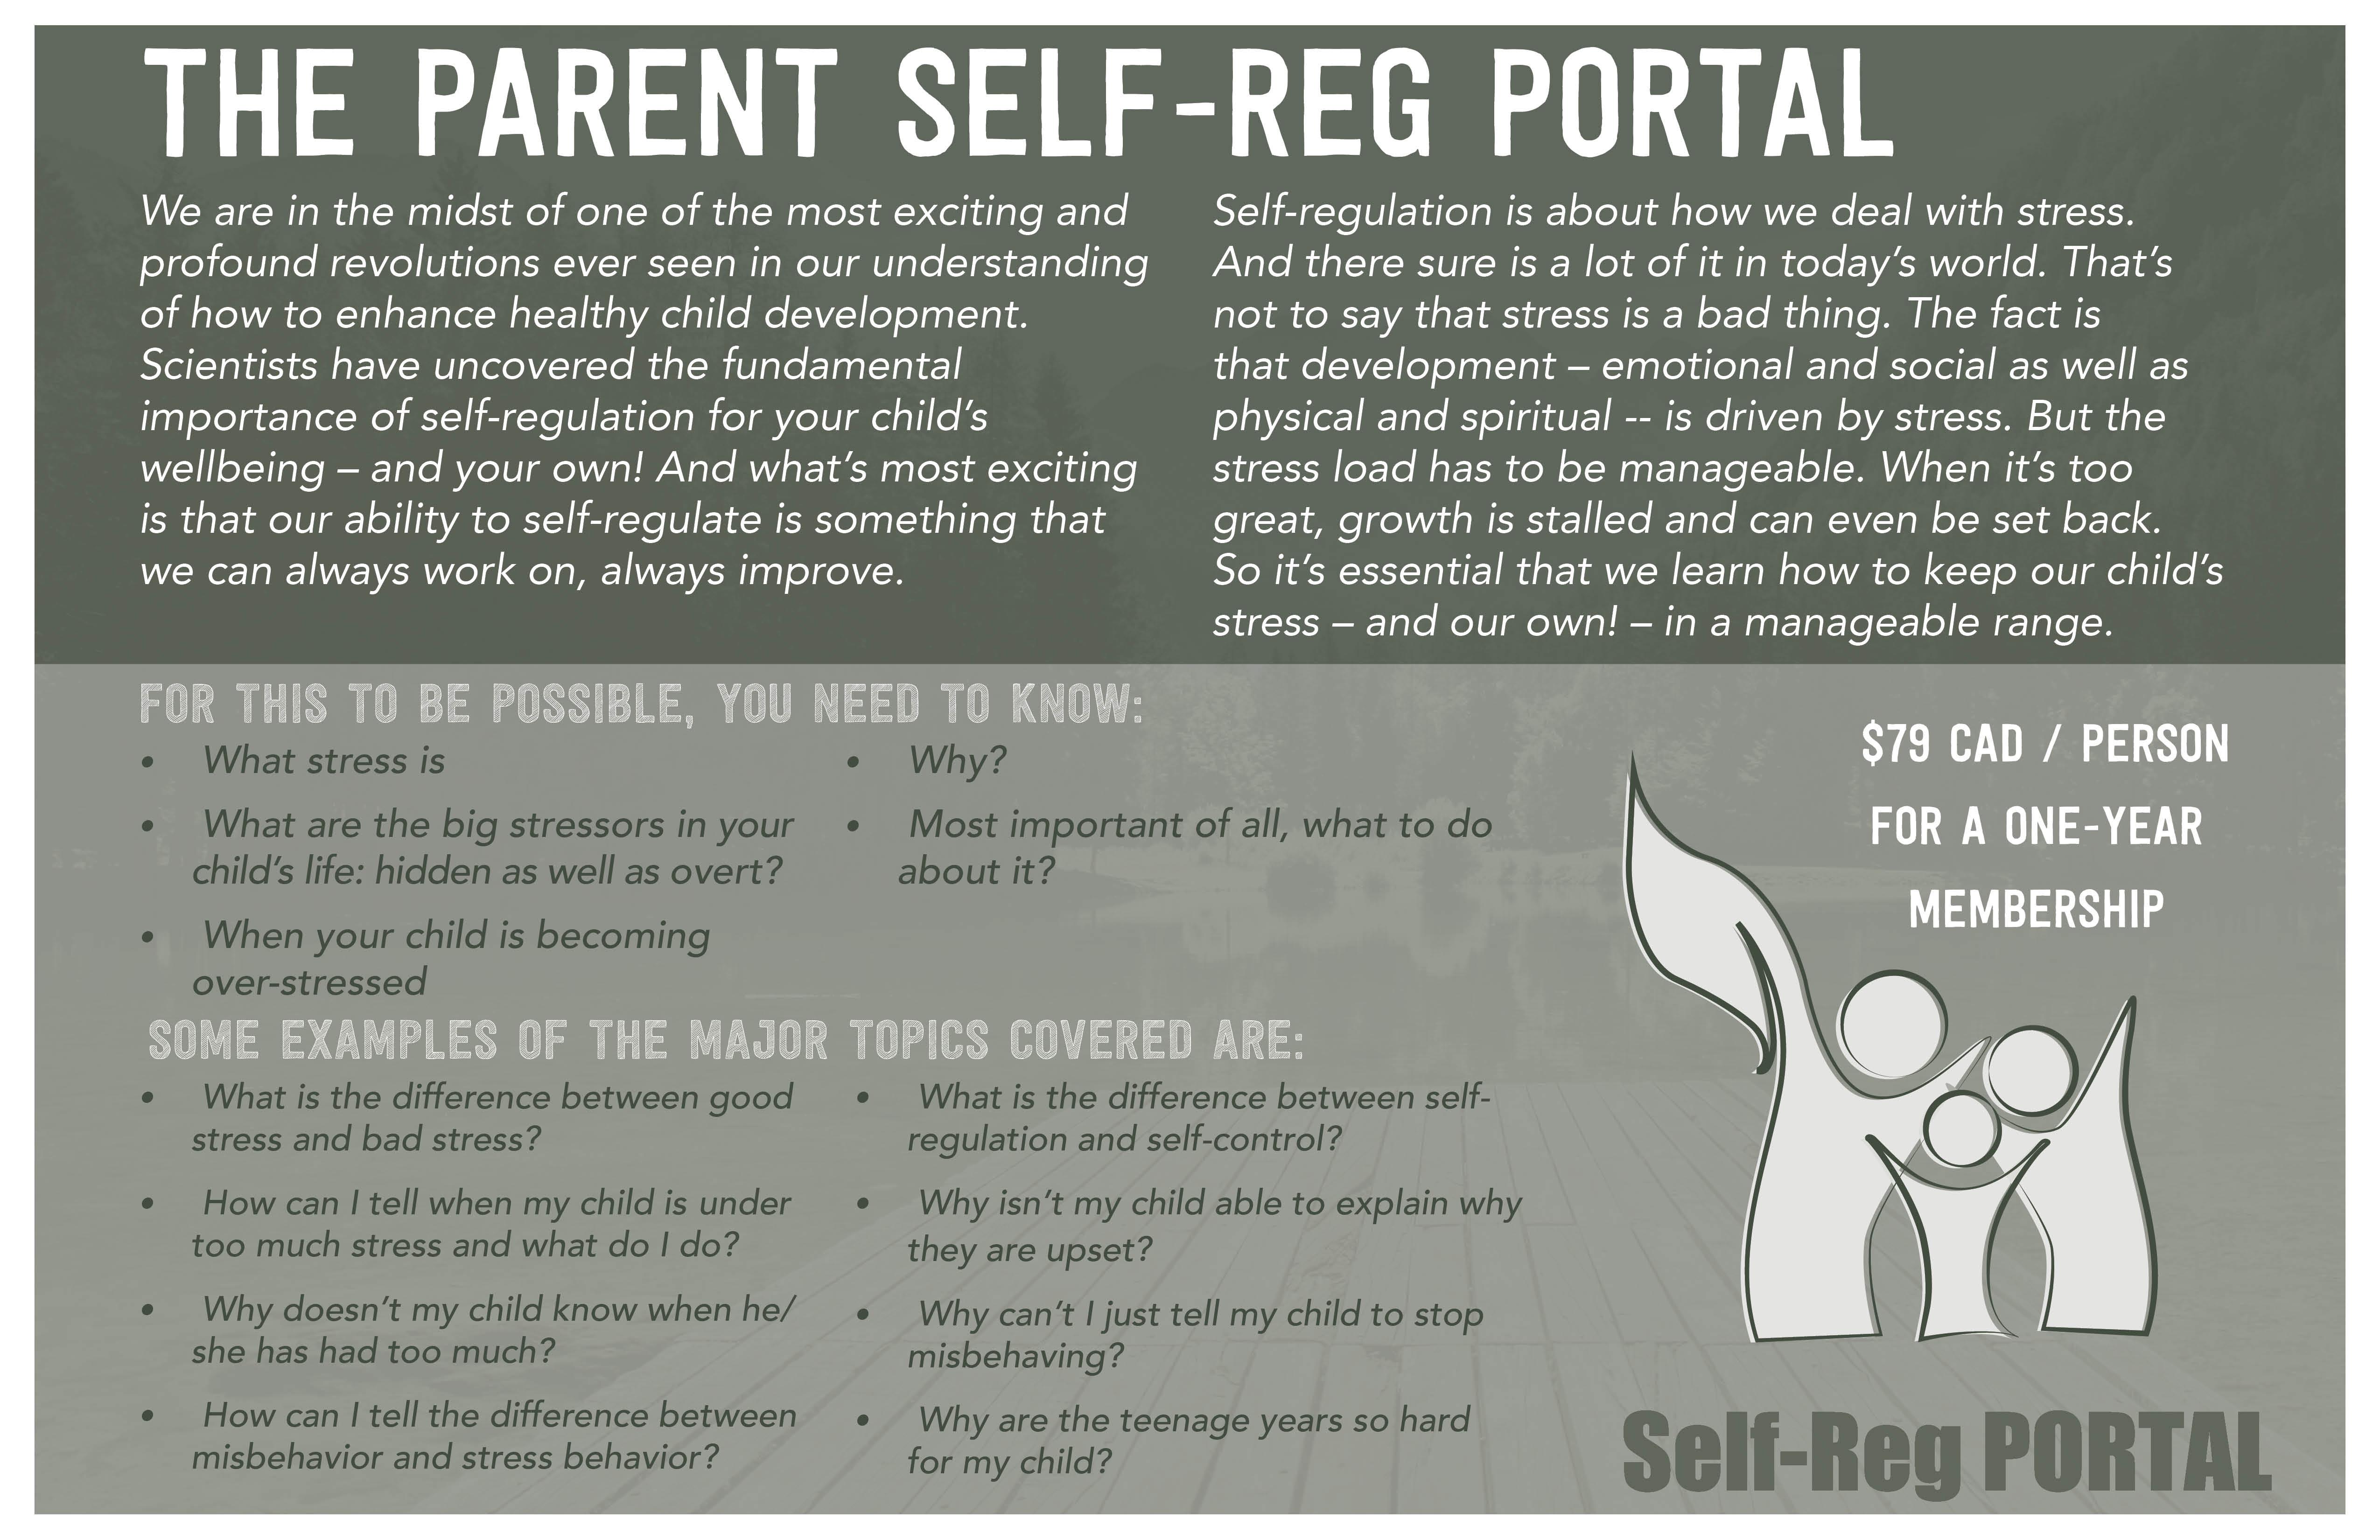 ad_parent_portal